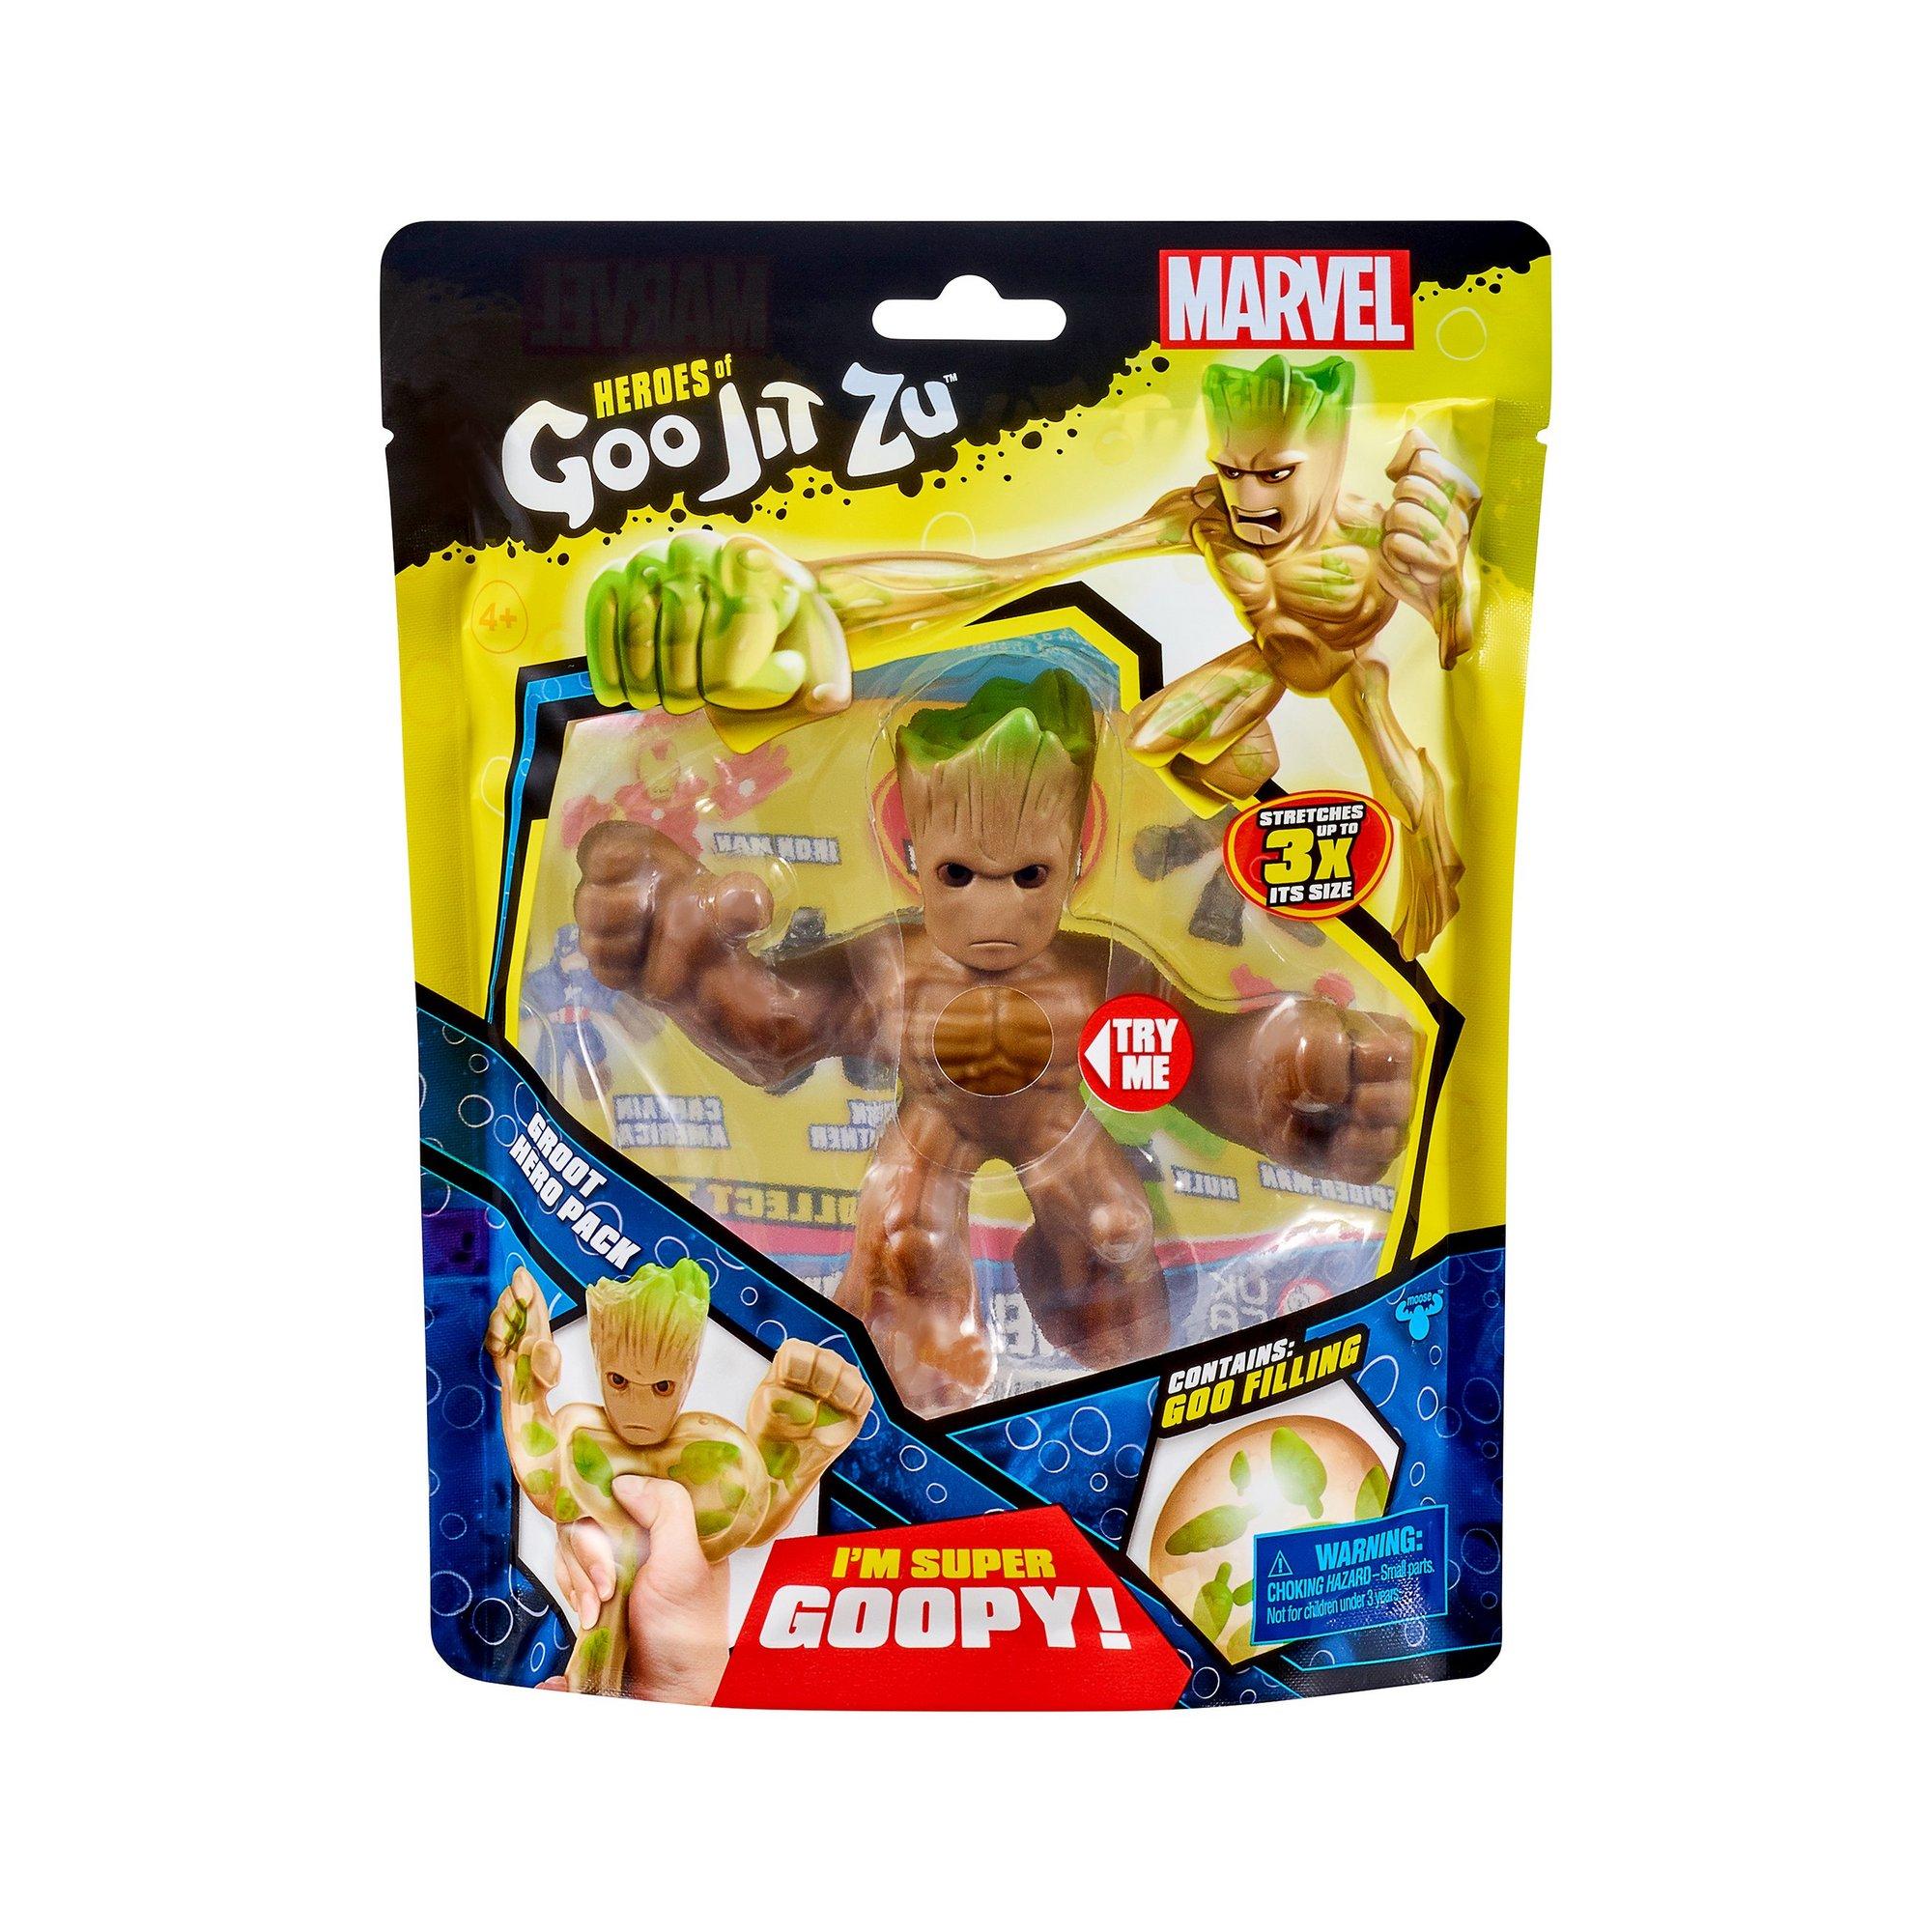 Image of Heroes Of Goo Jit Zu Marvel Superheroes - Groot